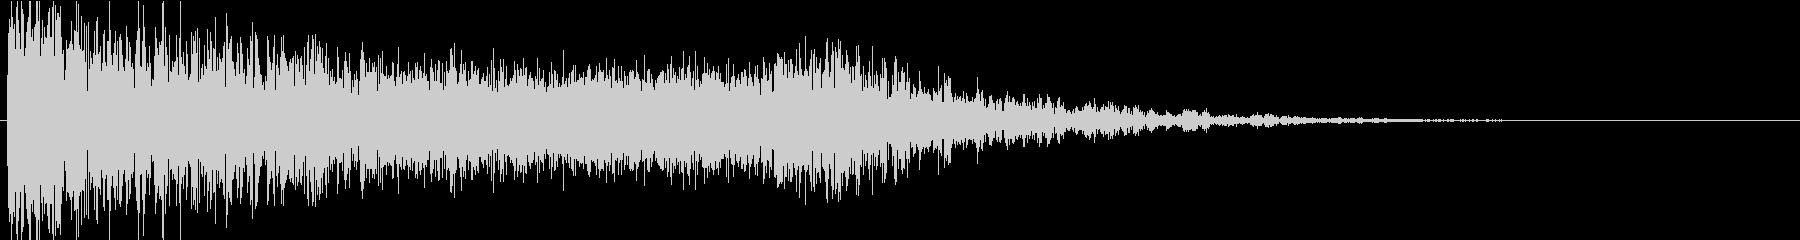 シネマトレーラー1INTRO_Sの未再生の波形